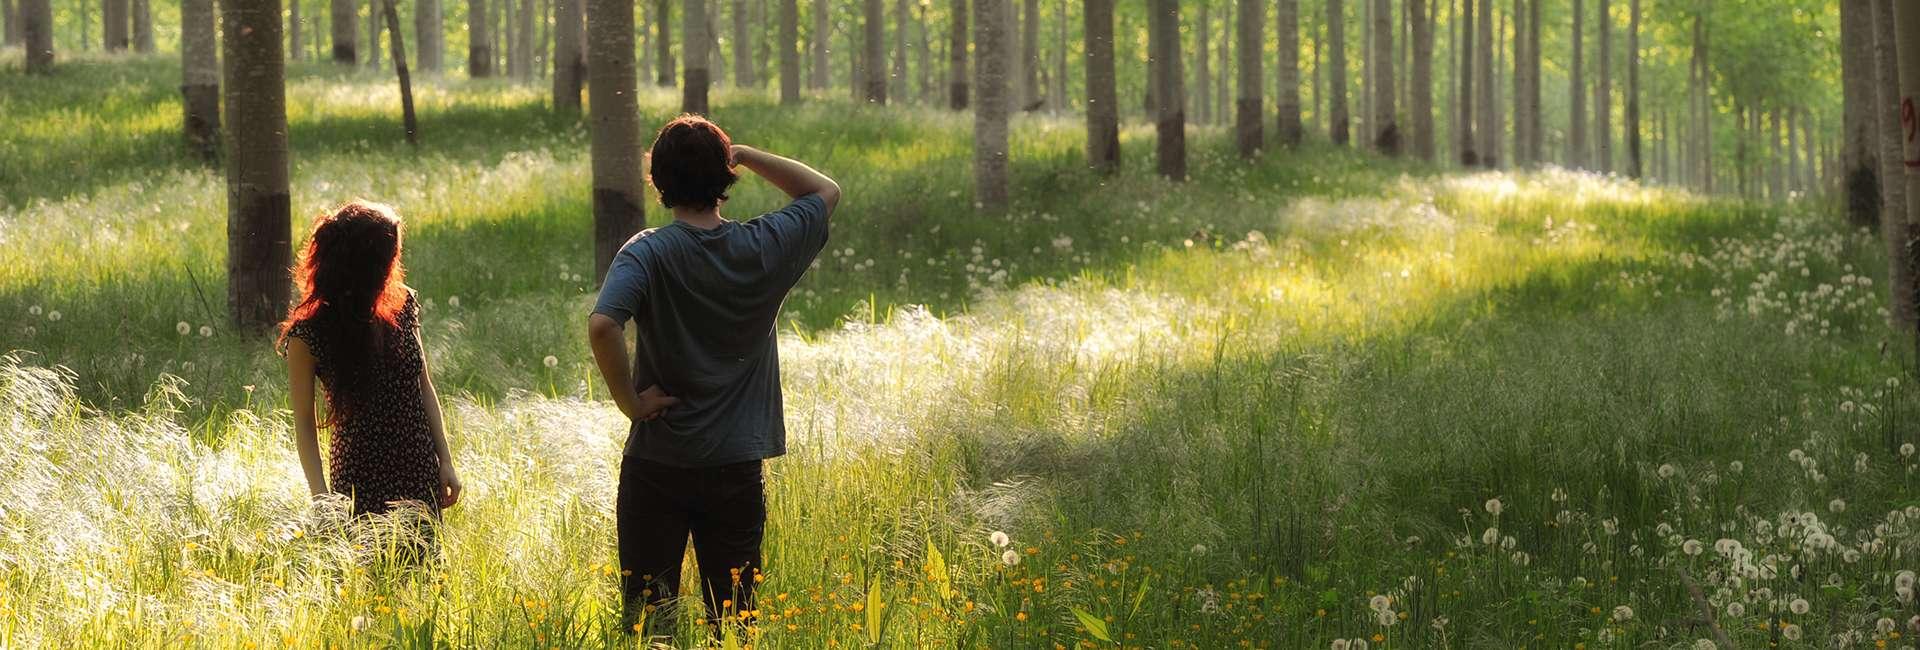 Forêt en Bresse Bourguignonne - Amédée De Almeida